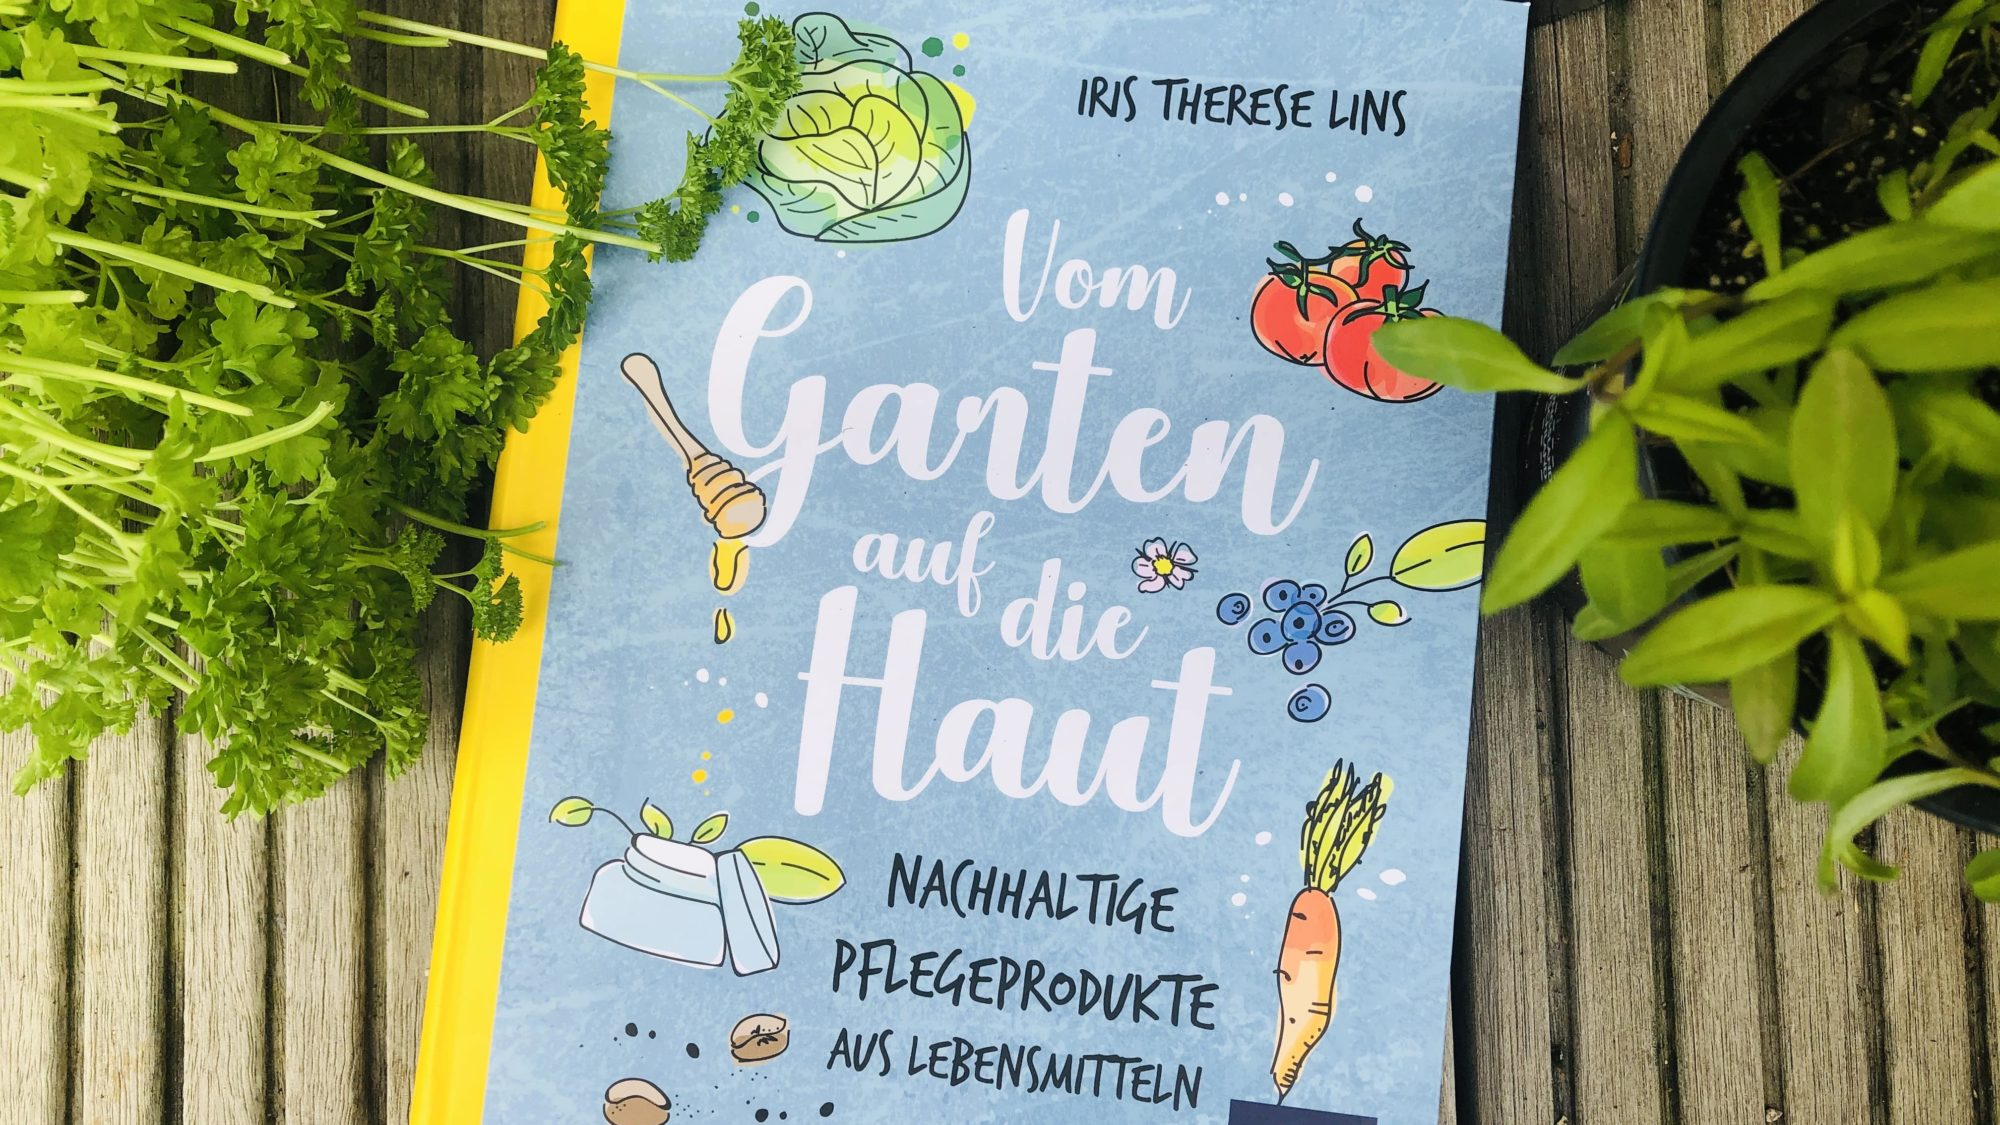 Luna Herbs Gesichtsmasken, Naturkosmetik, essbare Naturkosmetik, Buch vom Garten auf die Haut